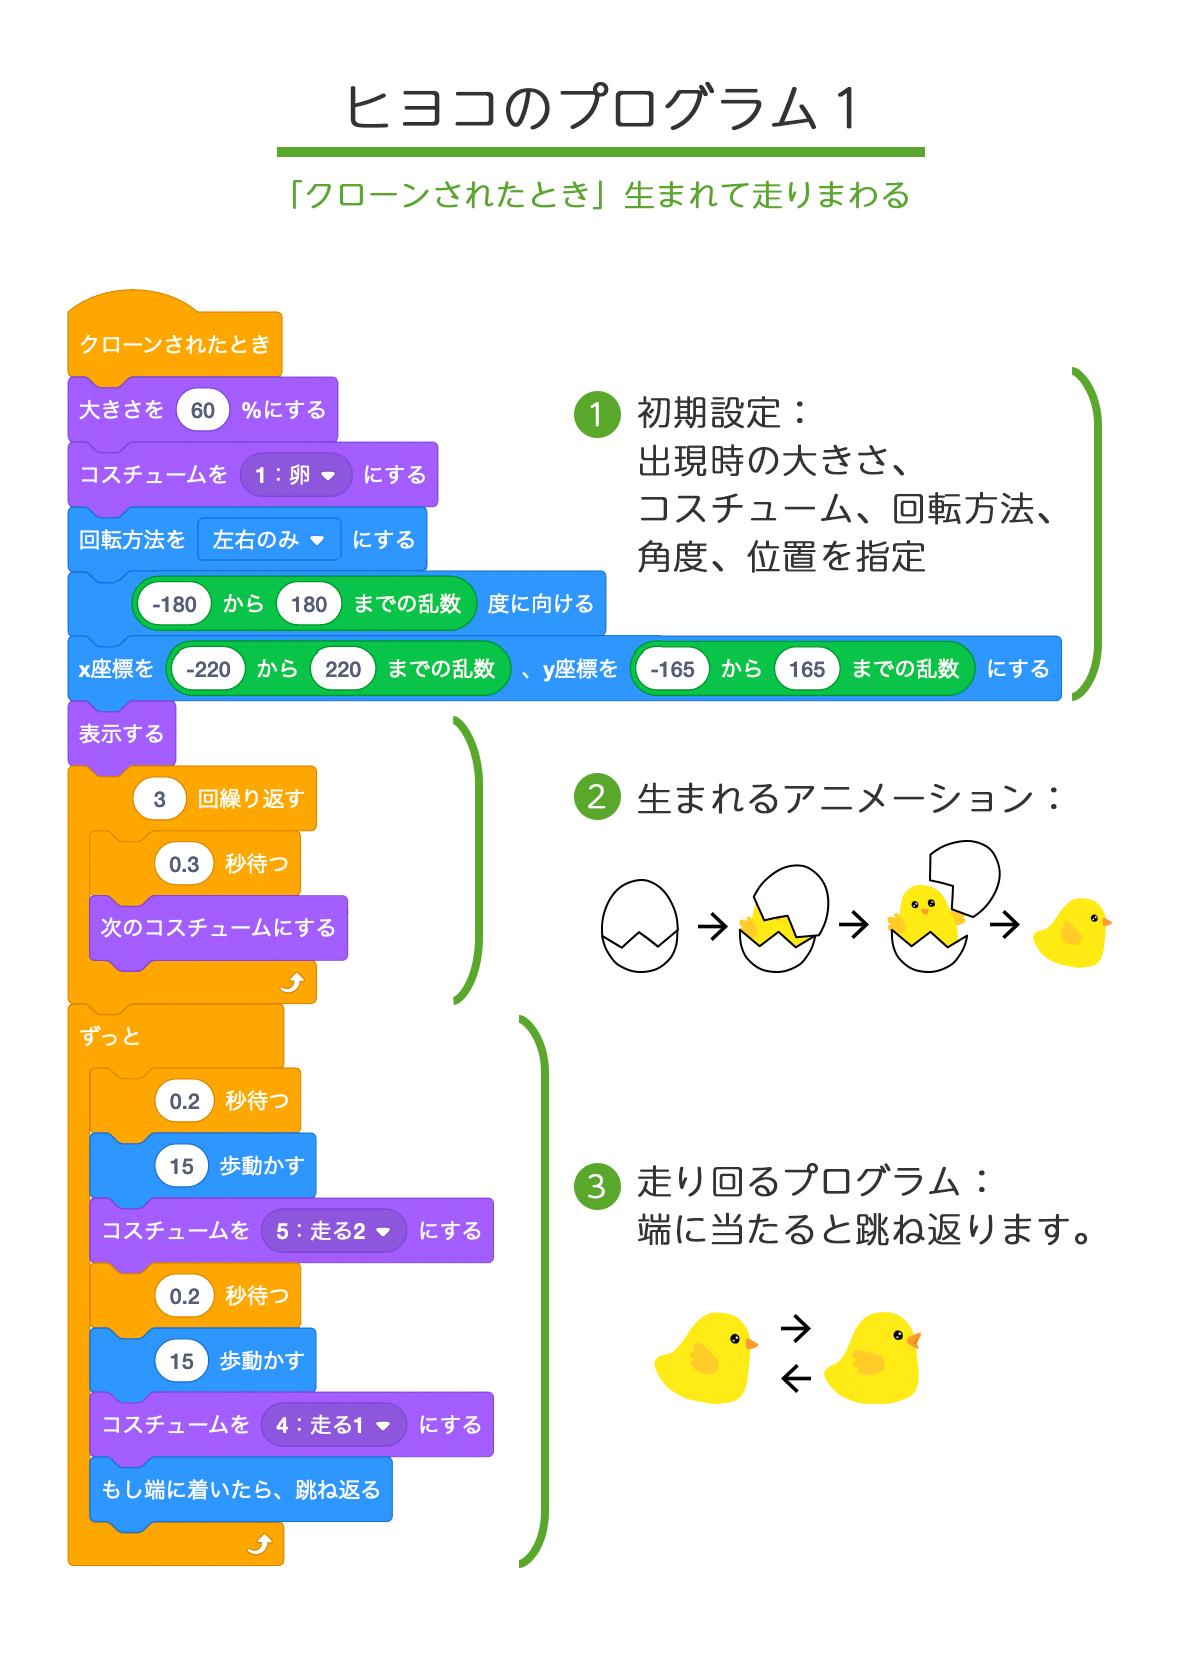 ヒヨコのプログラム